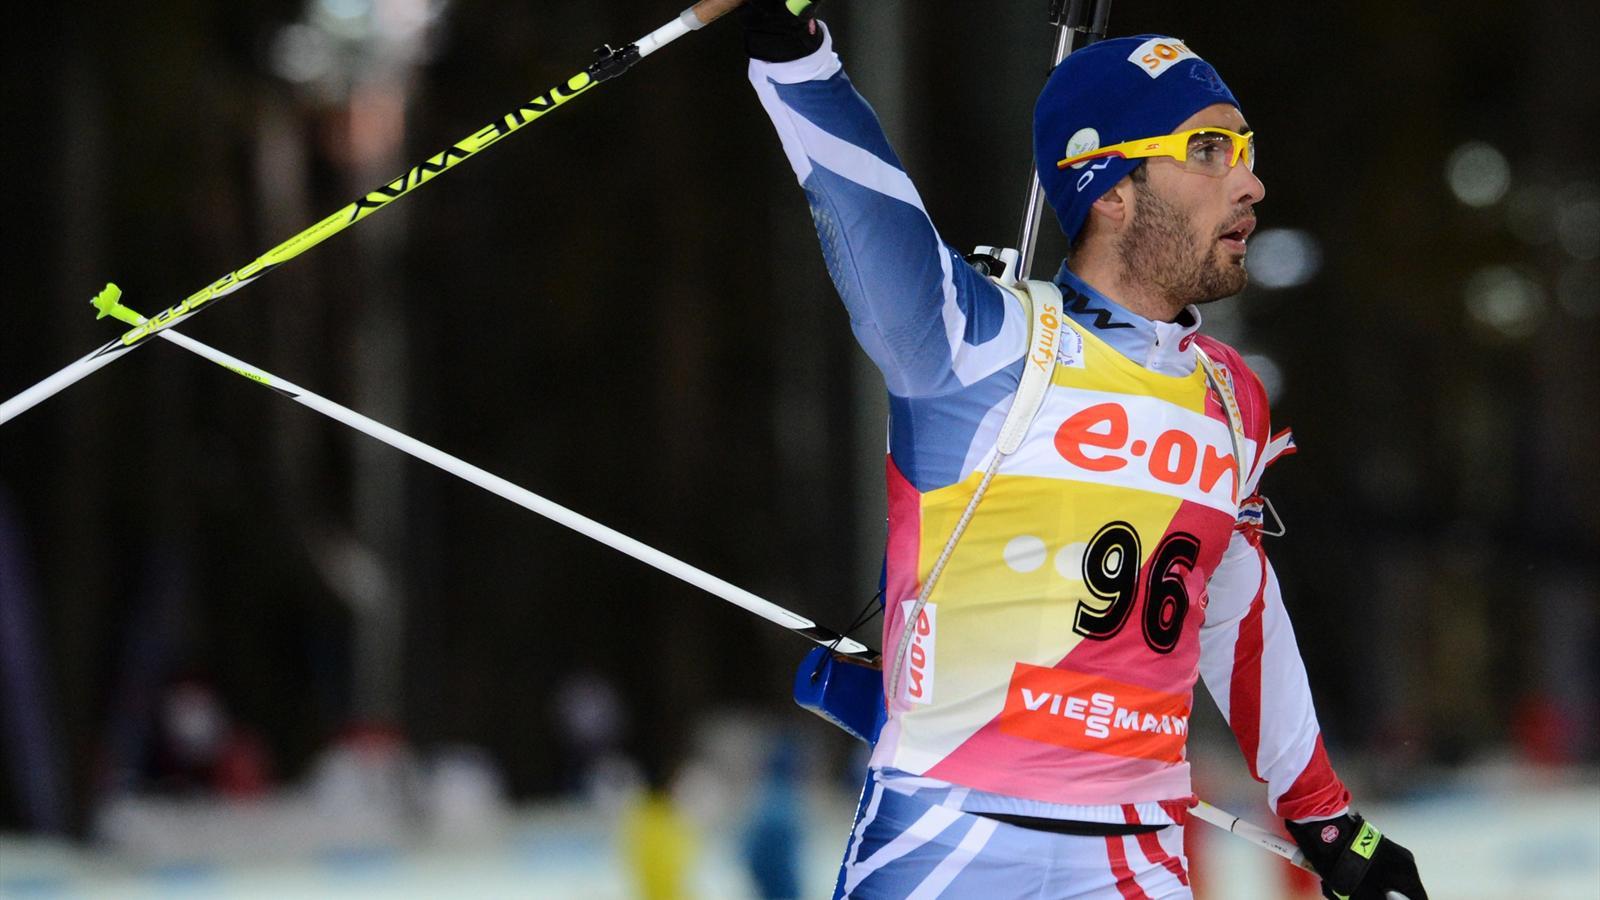 Coupe du monde de biathlon 2013 deuxi me grand globe - Classement coupe du monde de biathlon ...